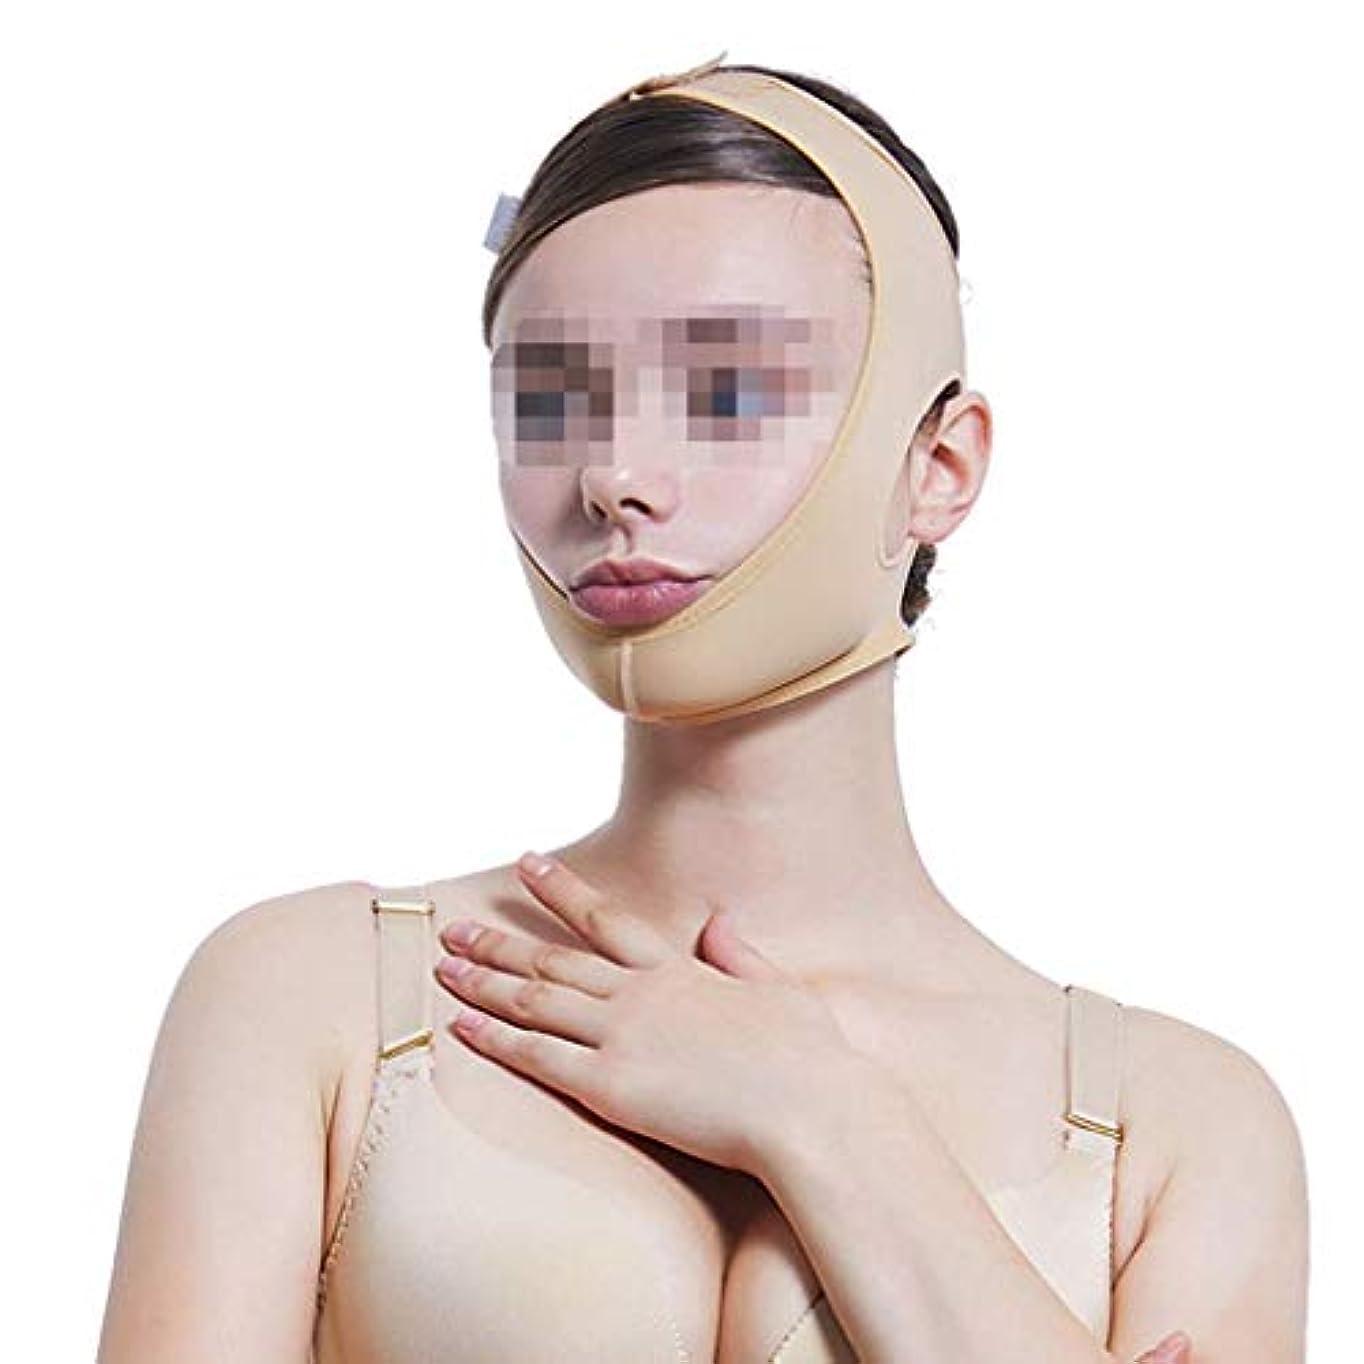 フリンジうそつき写真ビームフェイス弾性ヘッドギア、ダブルあごのあごのセットをマスクの後に線彫り薄いフェイス包帯マルチサイズオプション(サイズ:XS),XS